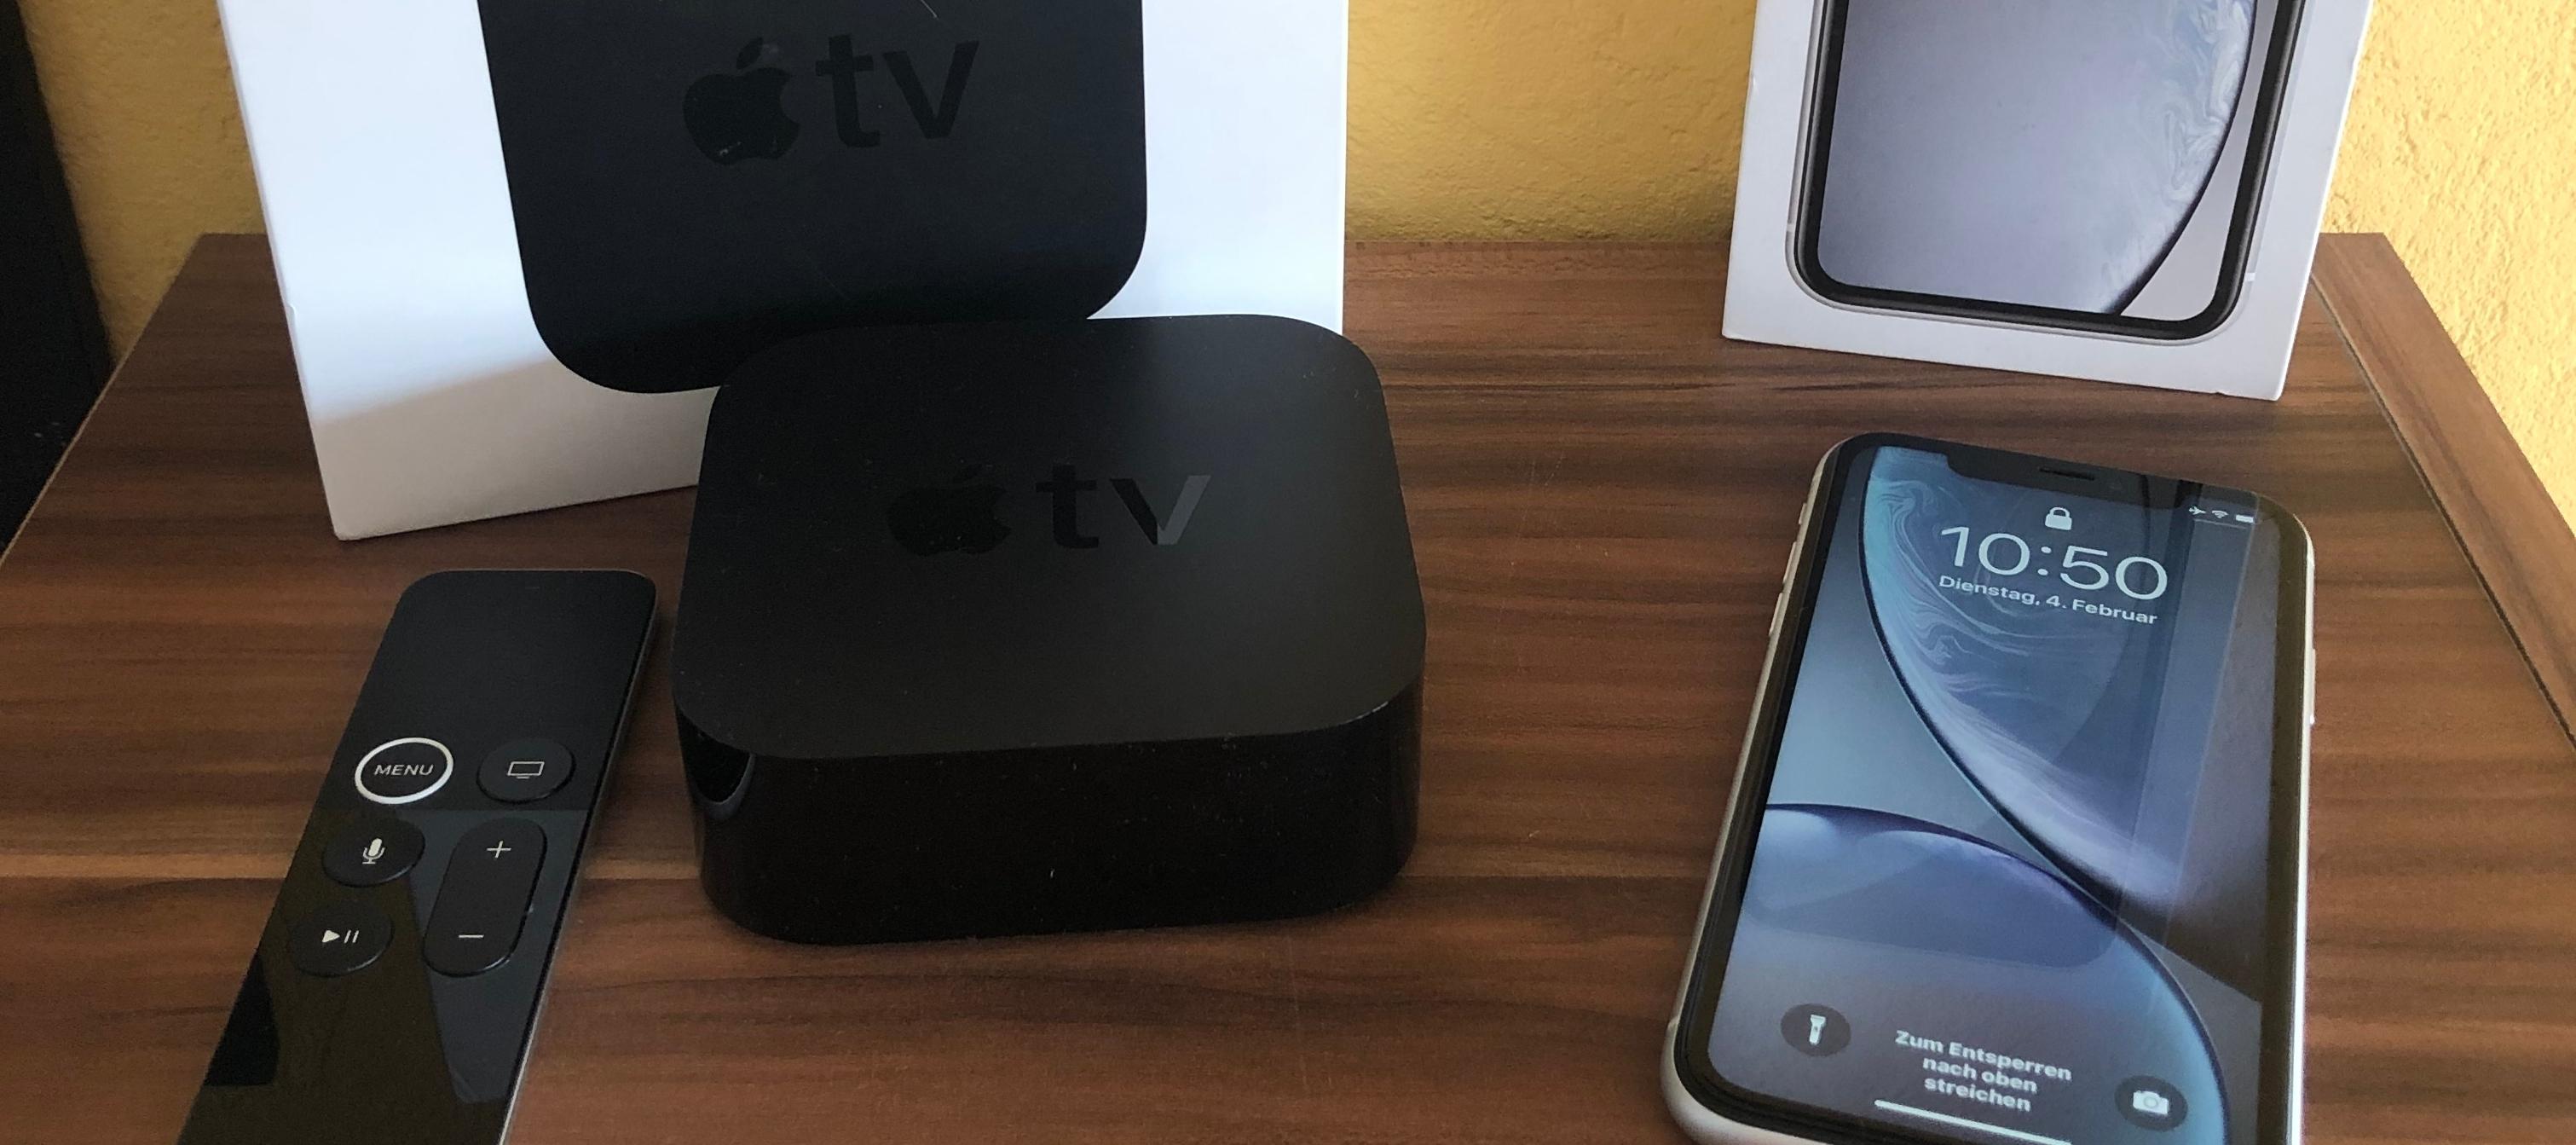 Testbericht Apple iPhone XR + Apple TV Bundle